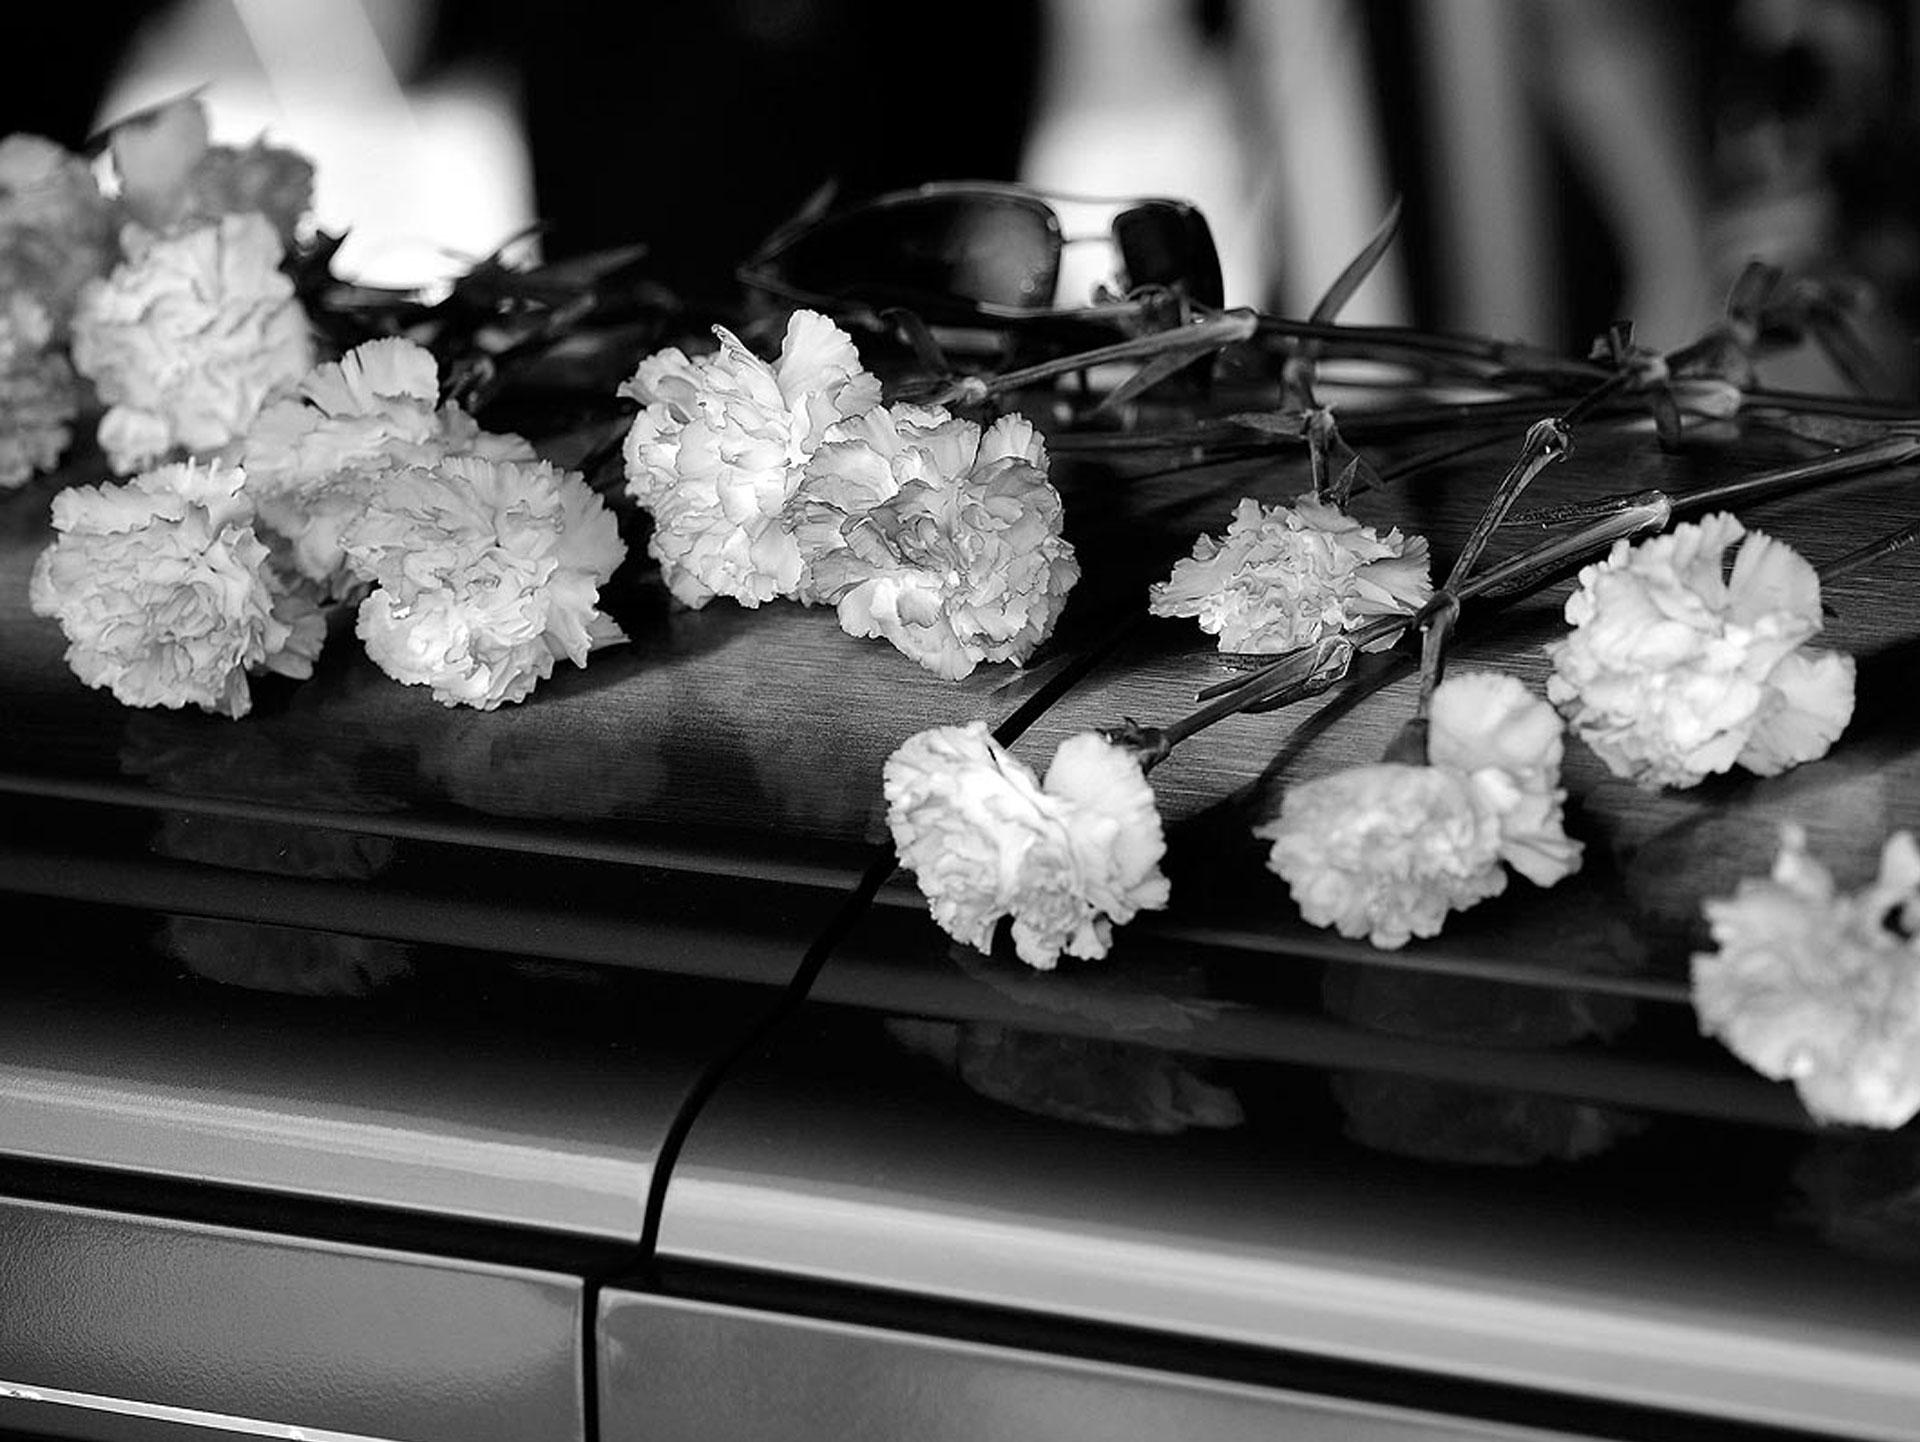 Serviços fúnebres | Funerais